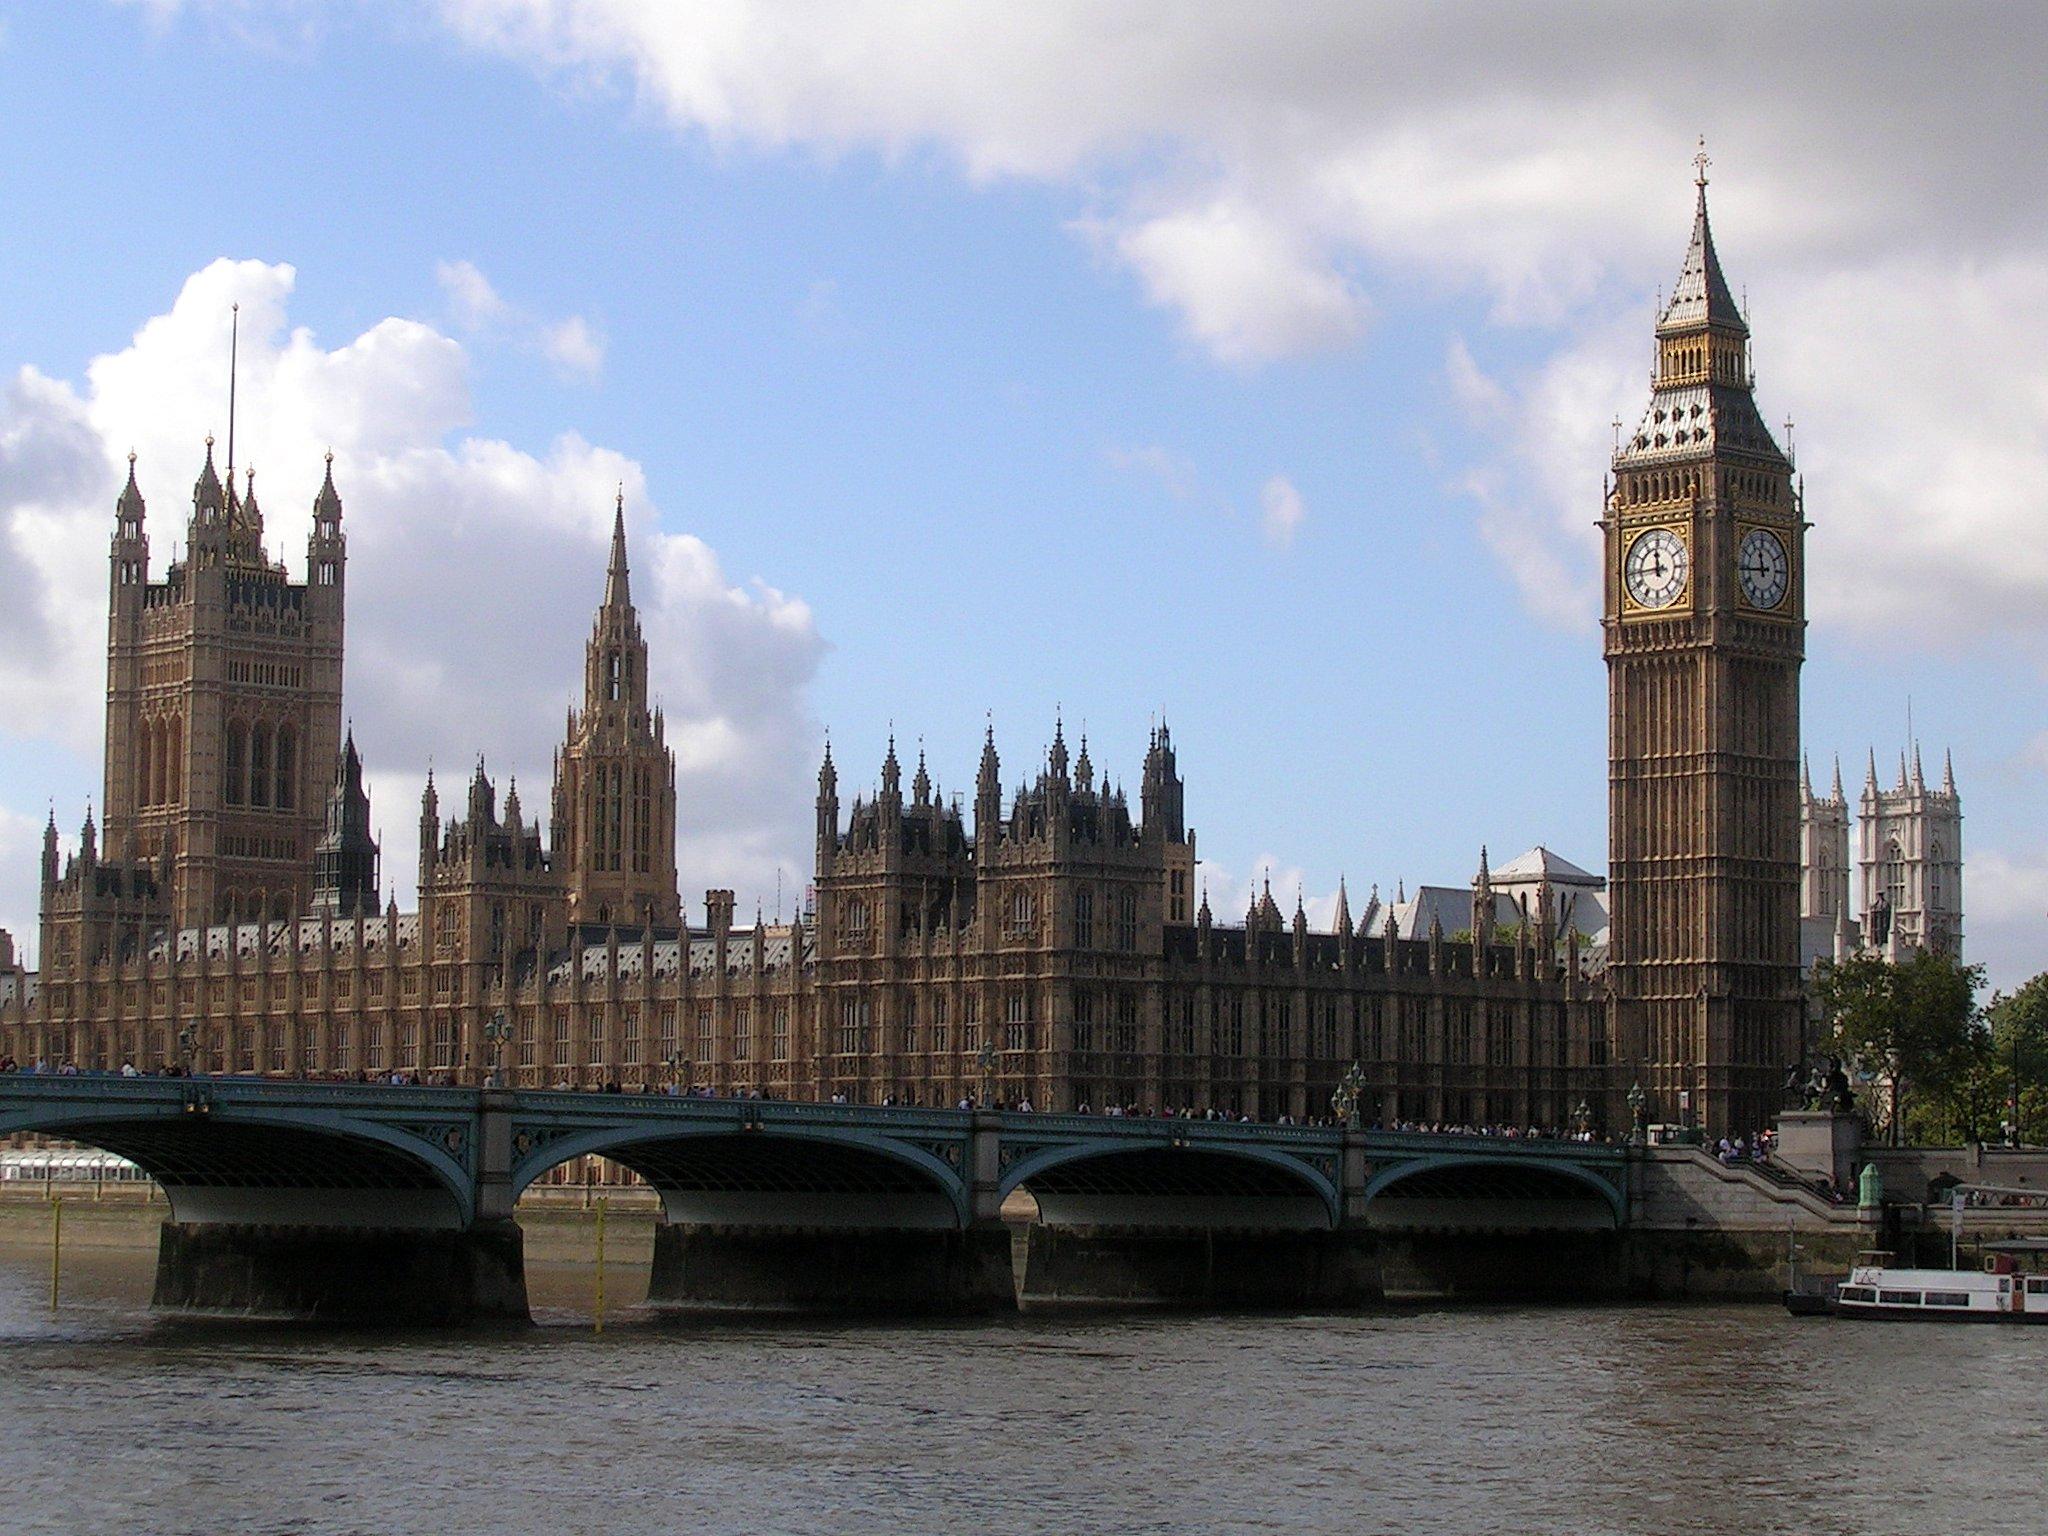 Description westminster bridge, parliament house and the big ben